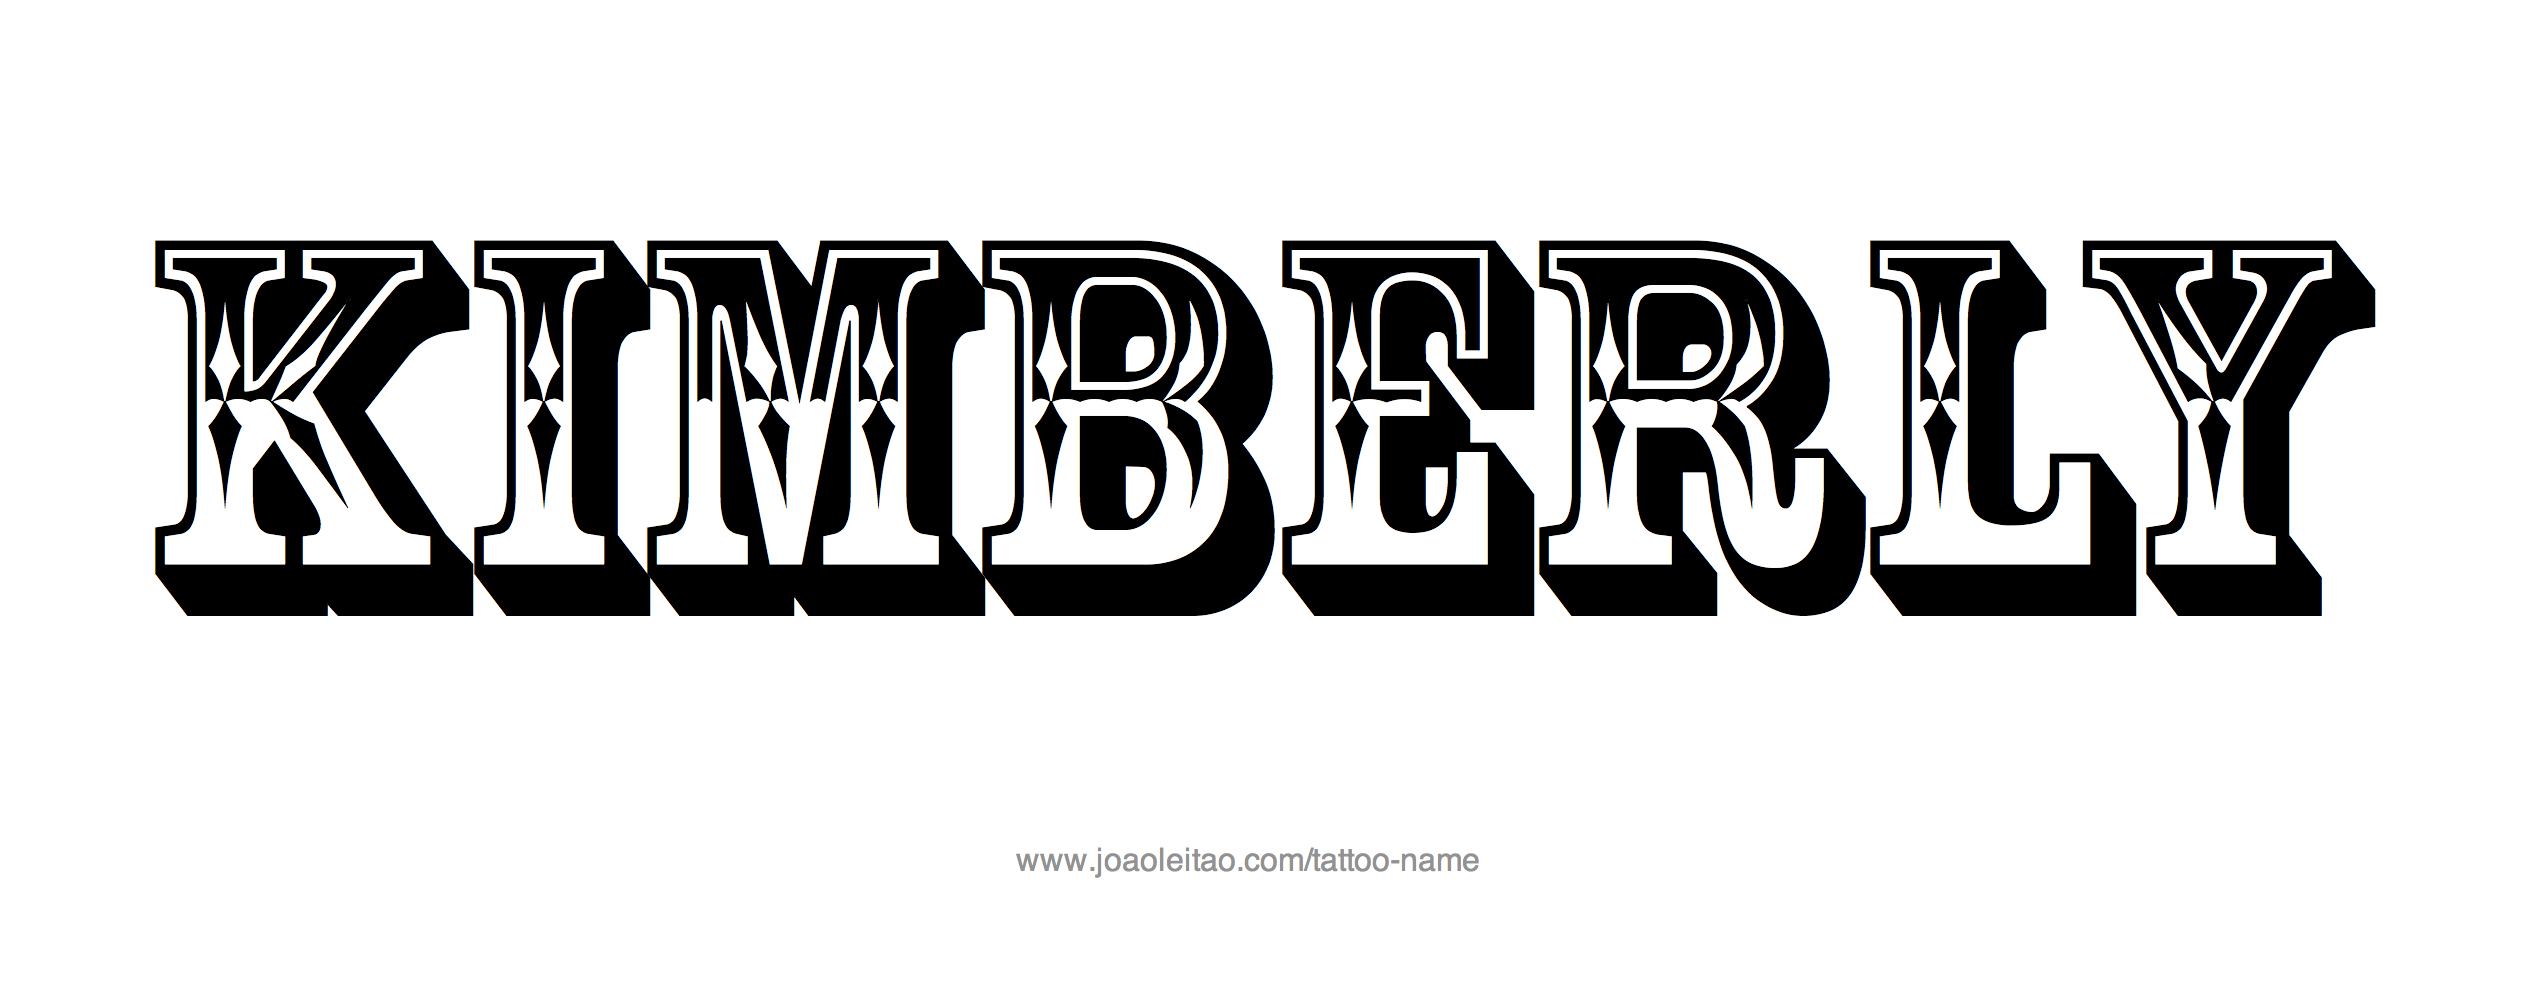 Kimberly Name Tattoo Designs Name Tattoos Name Tattoo Graffiti Names